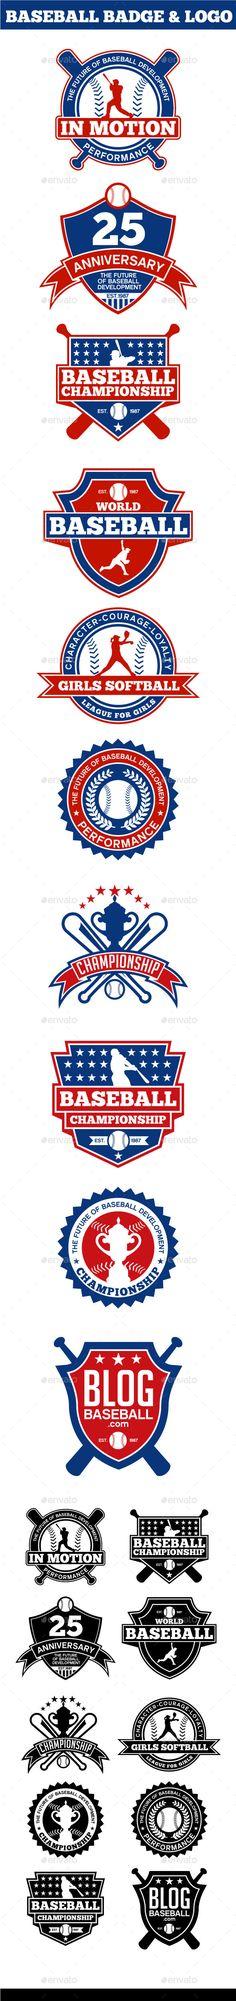 Baseball Badge & Logo - Badges & Stickers Web Elements